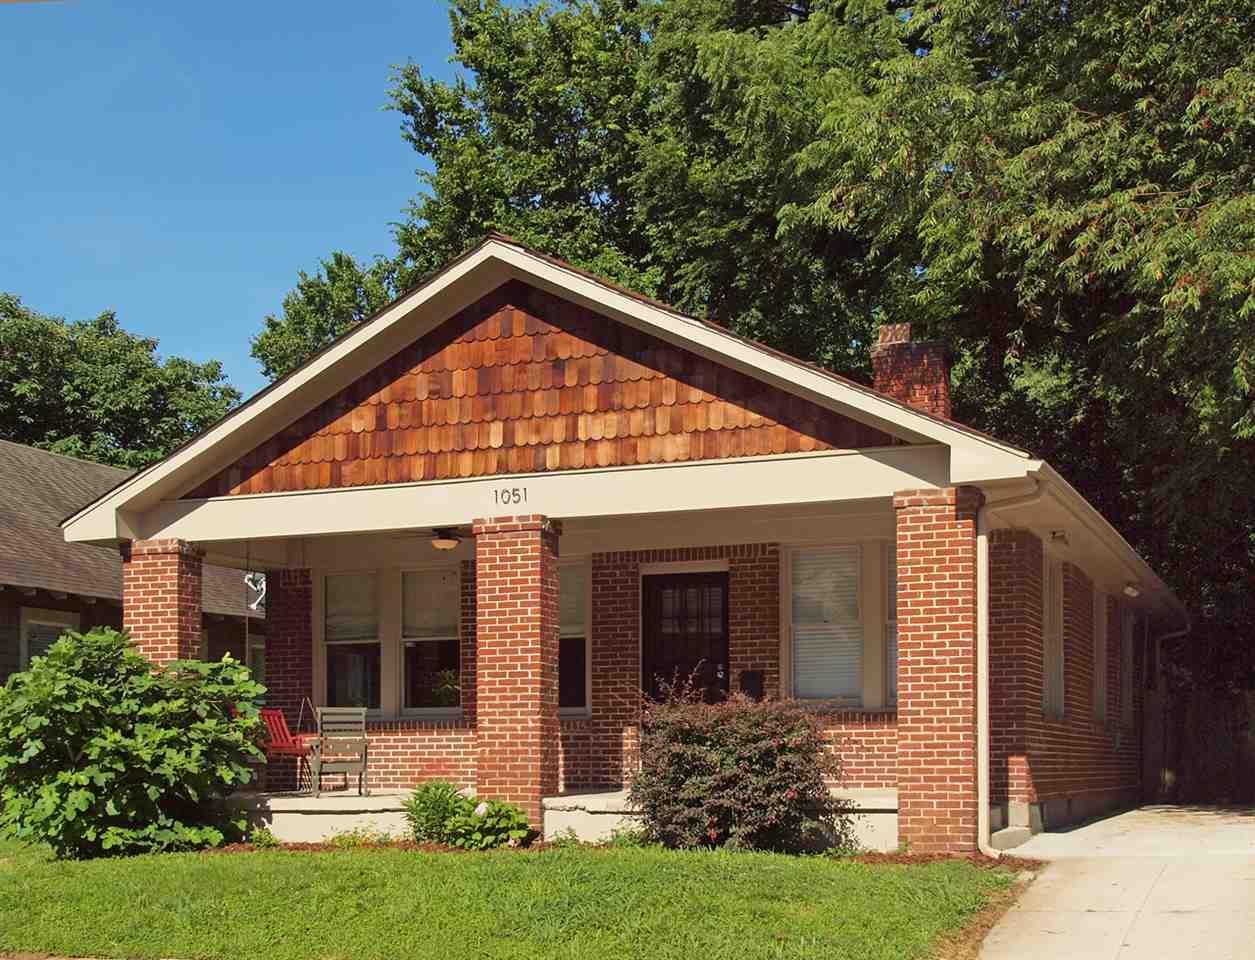 1051 Philadelphia, Memphis, TN 38104